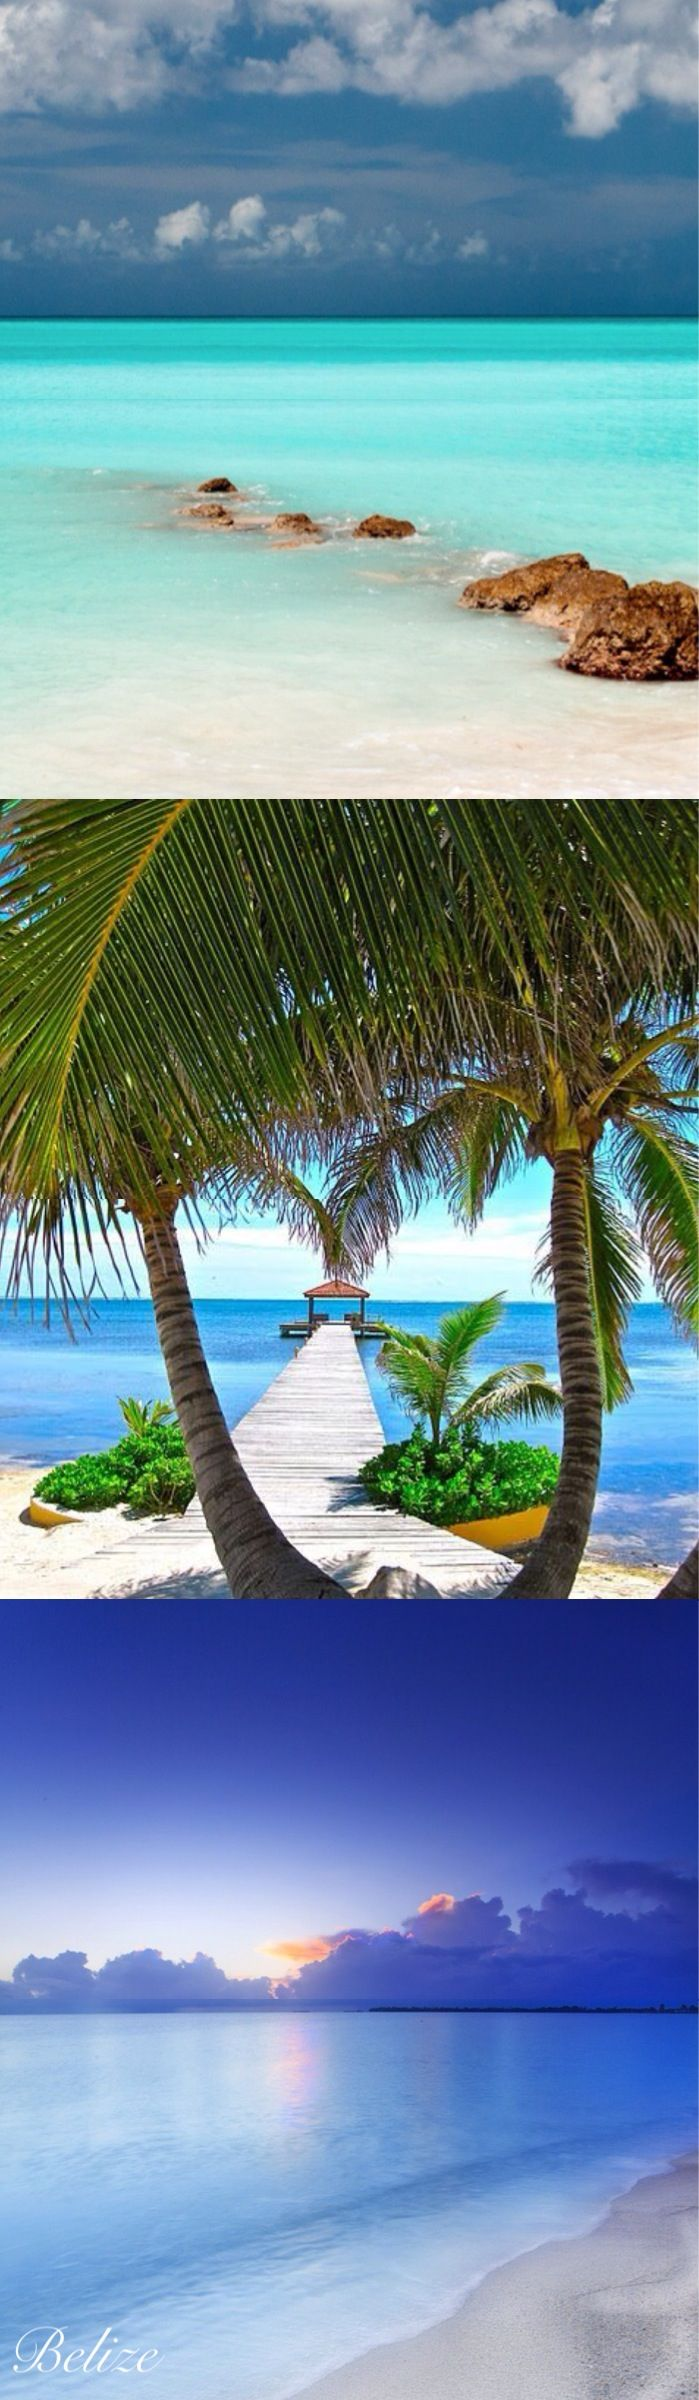 Belice principales atracciones y destinos - Centroamérica